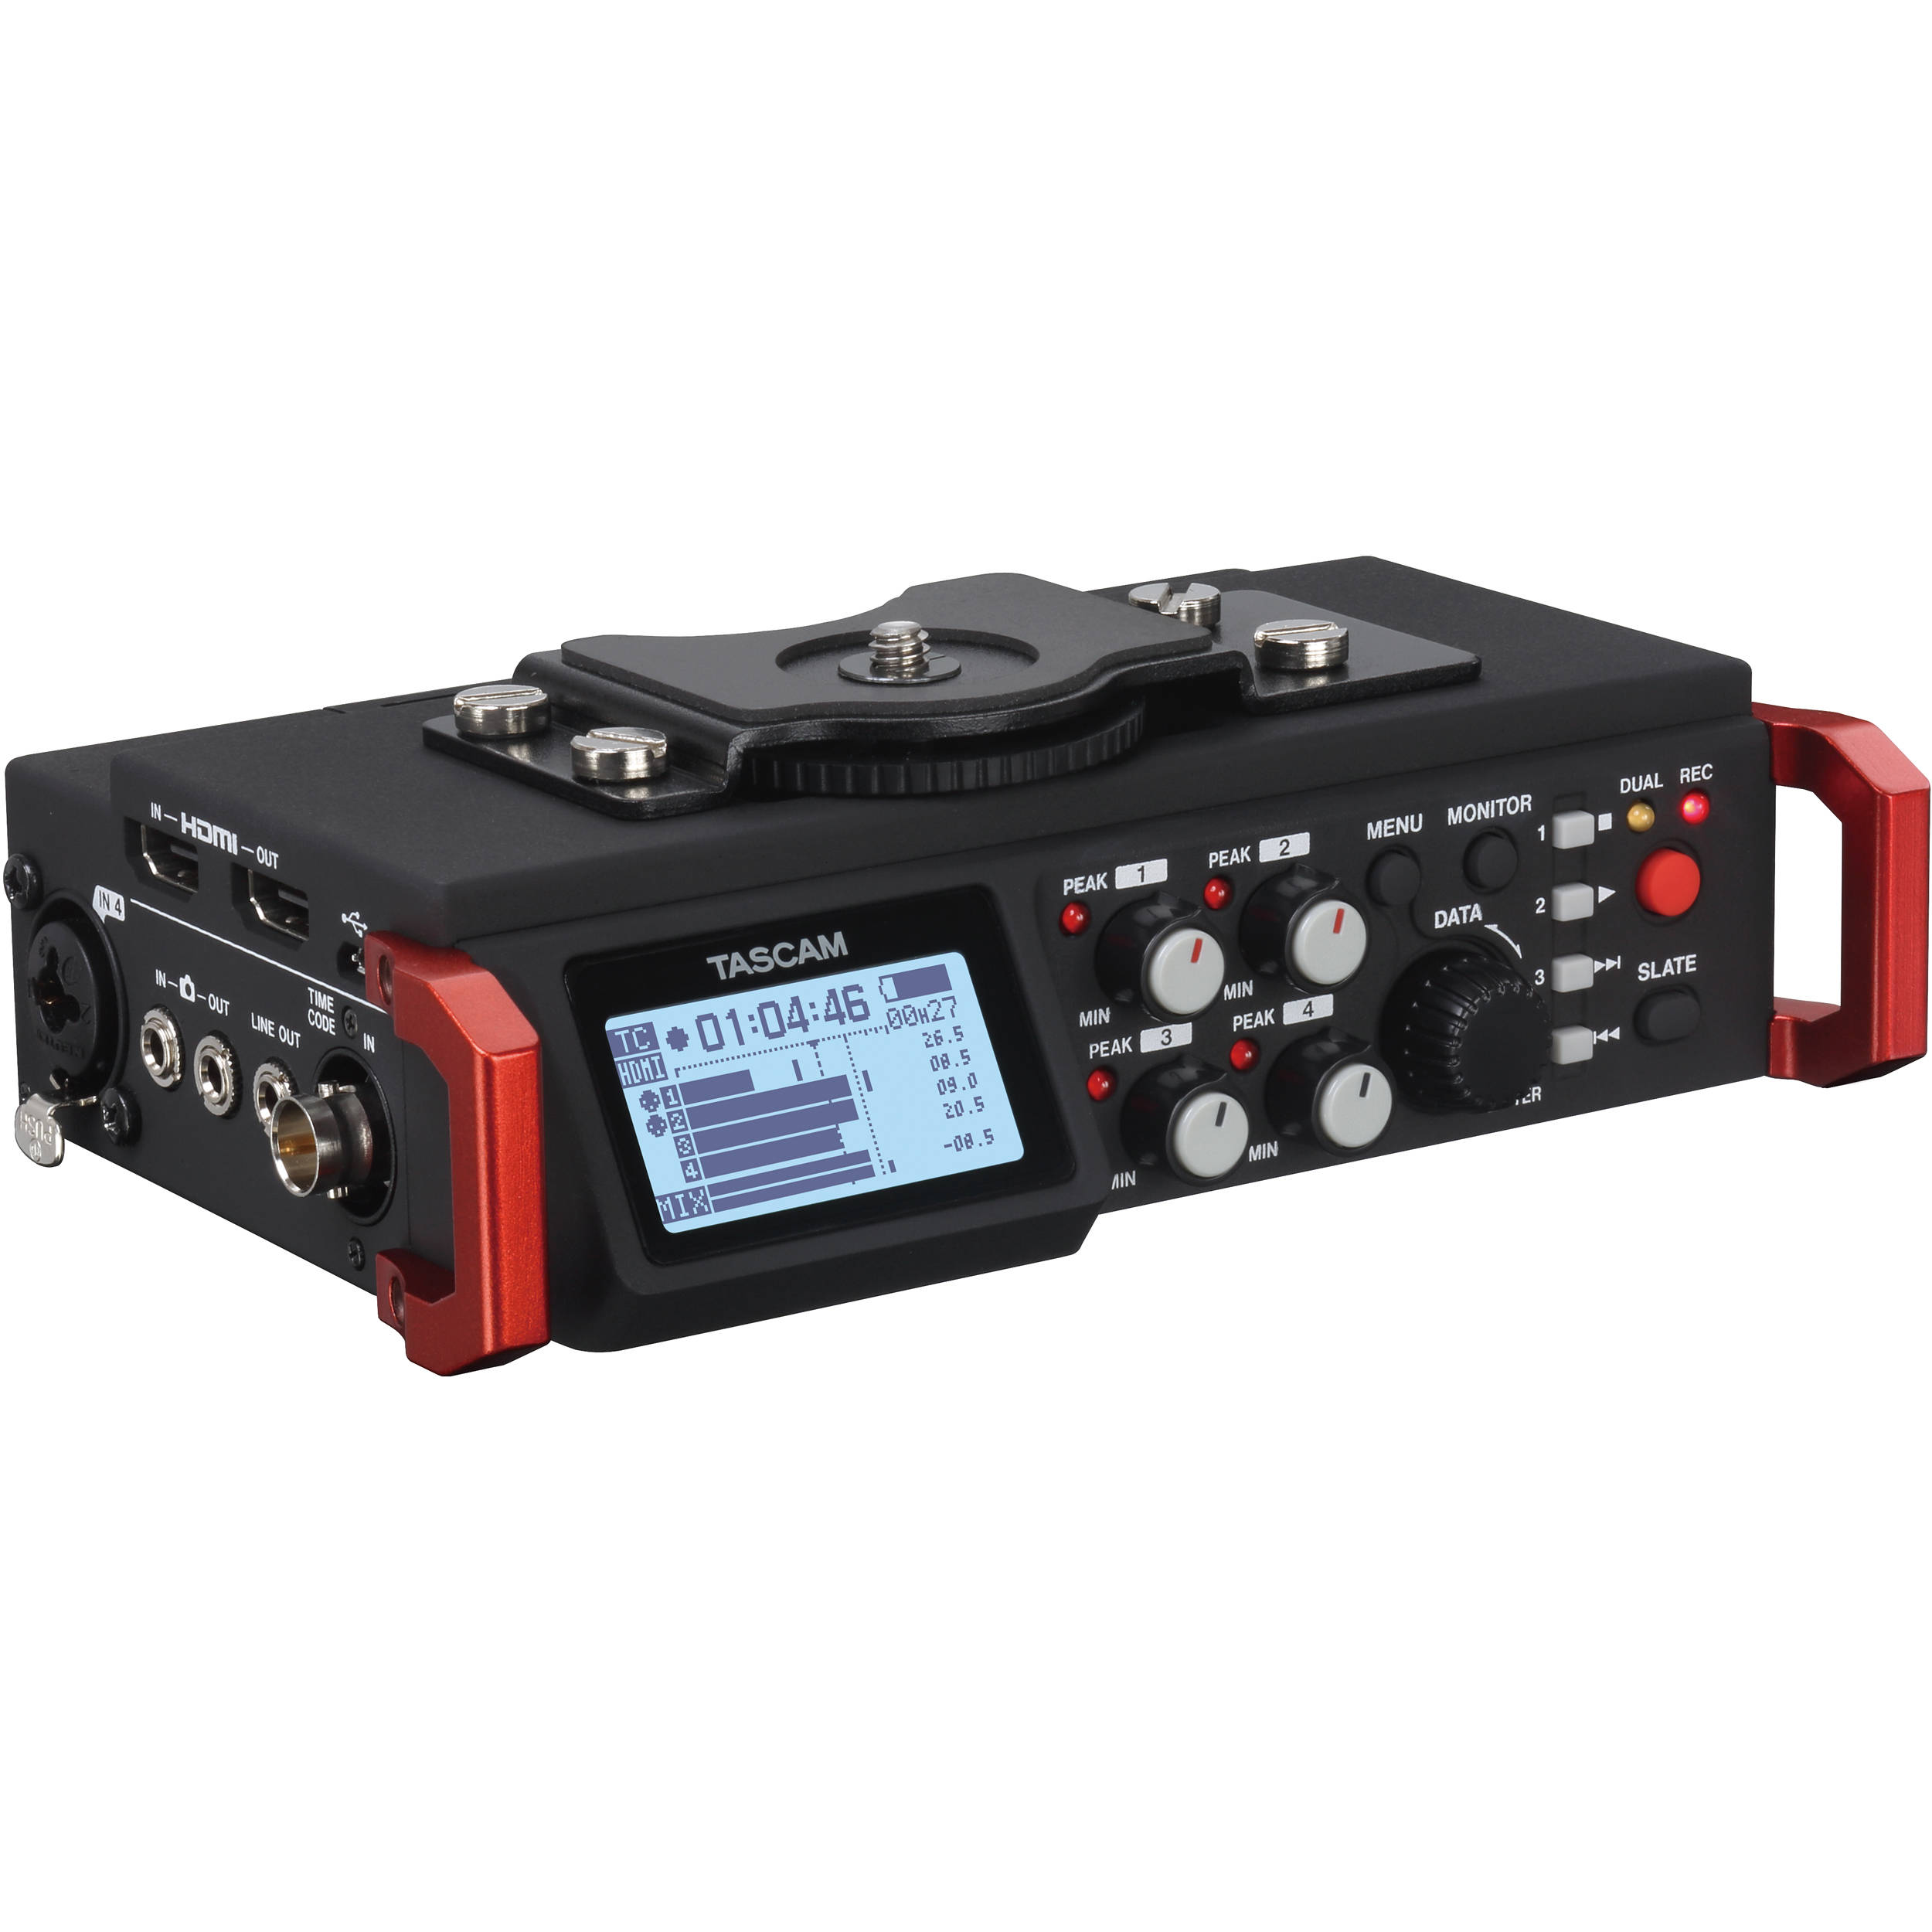 tascam dr 701d 6 track field recorder for dslr dr 701d b h photo tascam dr 701d 6 track field recorder for dslr smpte timecode